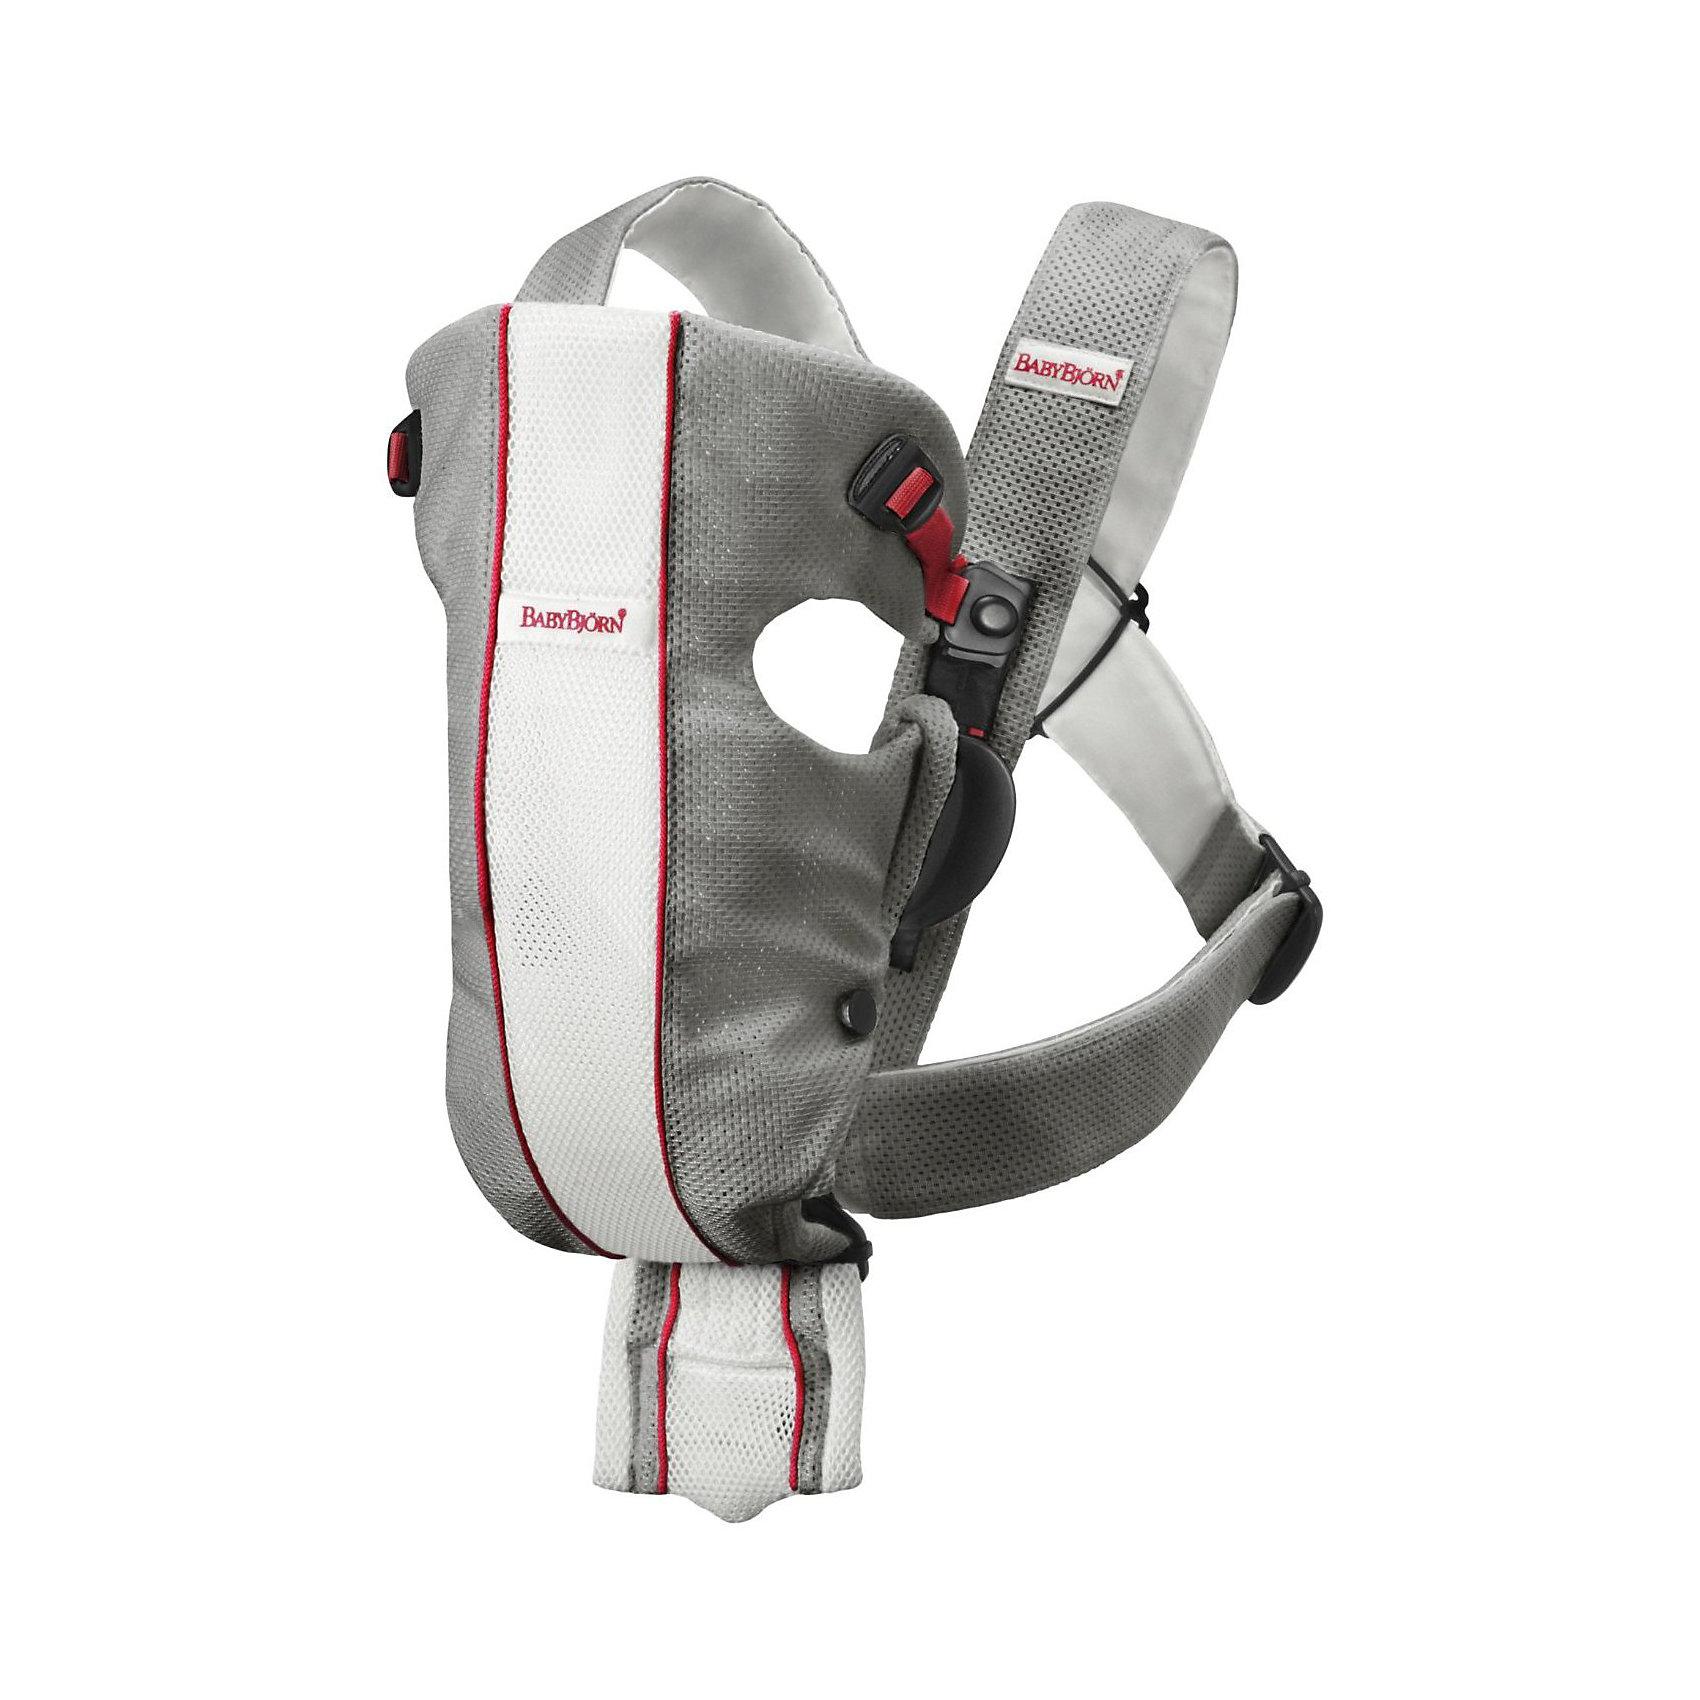 Рюкзак-кенгуру Original, BabyBjorn, серый с белымСлинги и рюкзаки-переноски<br>Рюкзак-кенгуру Original от BabyBjorn (БэйбиБьёрн) - простая в использовании, классическая конструкция!<br><br>Рюкзак-кенгуру Original от BabyBjorn - это легкий, дышащий рюкзак для теплых летних дней, которые вы хотите провести вместе со своим малышом.<br><br>Разработанная специально для BabyBjorn, плотно прилегающая сетчатая ткань 3D позаботится об удобстве и хорошей вентиляции во время использования, при этом создавая столь важное чувство близости между вами и малышом. <br><br>Как и остальные переноски BabyBjorn, эту модель можно использовать для новорожденного ребенка (3,5 кг) с пристегнутыми ремнями безопасности. Если малютка уже умеет держать головку, ребенка можно усаживать в переноску лицом вперед. <br><br>Рюкзак-кенгуру Original легко складывается и занимает совсем мало места. Ее можно хранить в небольшом эластичном мешке, входящем в объем поставки.<br><br>Рюкзак-кенгуру можно стирать в стиральной машине.<br>Соответствует стандарту Oeko-Tex Класса 1. <br><br>Подробнее:<br>- вшитый подголовник<br>- улучшенный отвод тепла (до 138 % ) и влаги (до 30 % )<br>- специальный сетчатый материал эффективно отводит тепло и влагу<br>- широкие наплечные лямки на подкладке для оптимального комфорта<br>- приятный материал прекрасно держит форму<br>- рассчитана на детей весом от 3,5 до 11 кг.<br><br>Рюкзак-кенгуру Original от BabyBjorn можно купить в нашем интернет-магазине.<br><br>Ширина мм: 350<br>Глубина мм: 290<br>Высота мм: 70<br>Вес г: 350<br>Возраст от месяцев: 0<br>Возраст до месяцев: 12<br>Пол: Унисекс<br>Возраст: Детский<br>SKU: 1491832